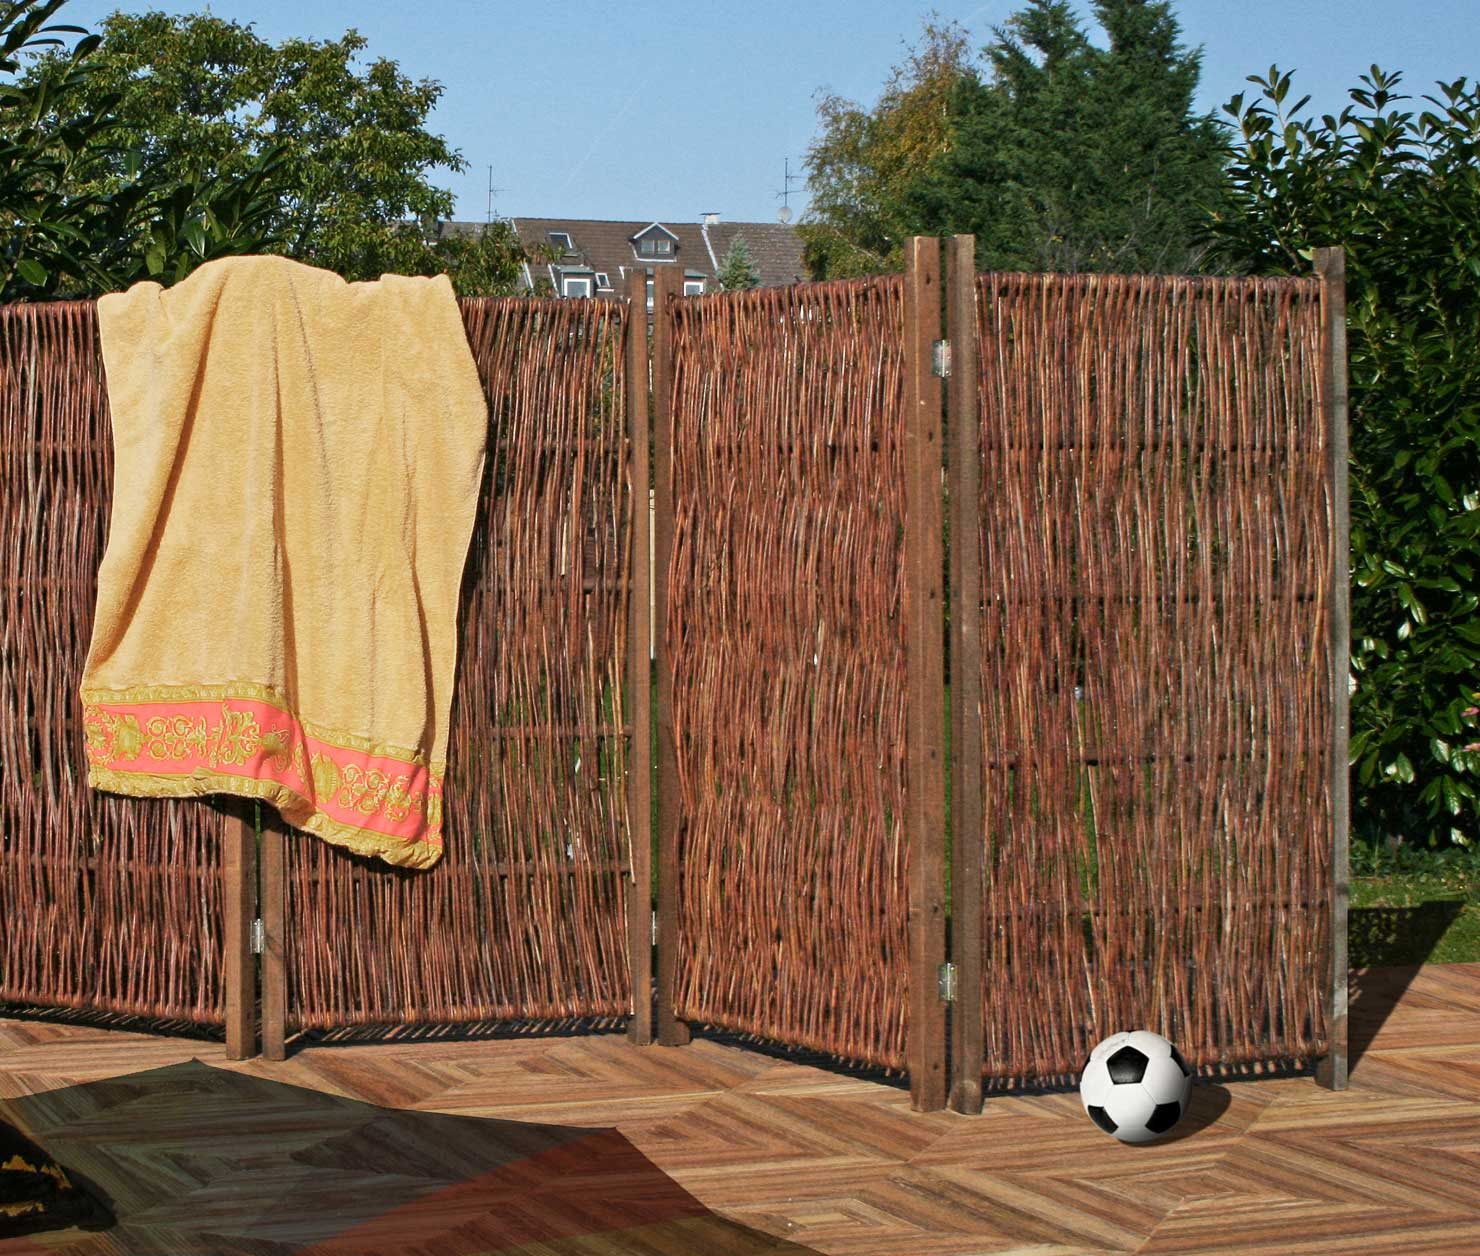 Full Size of Paravent Garten Wetterfest Holz Obi Ikea Bambus Hornbach Standfest Toom Metall Aus Weiden 240 120 Cm Holzundgartende Zaun Sichtschutz Wpc Schallschutz Garten Paravent Garten